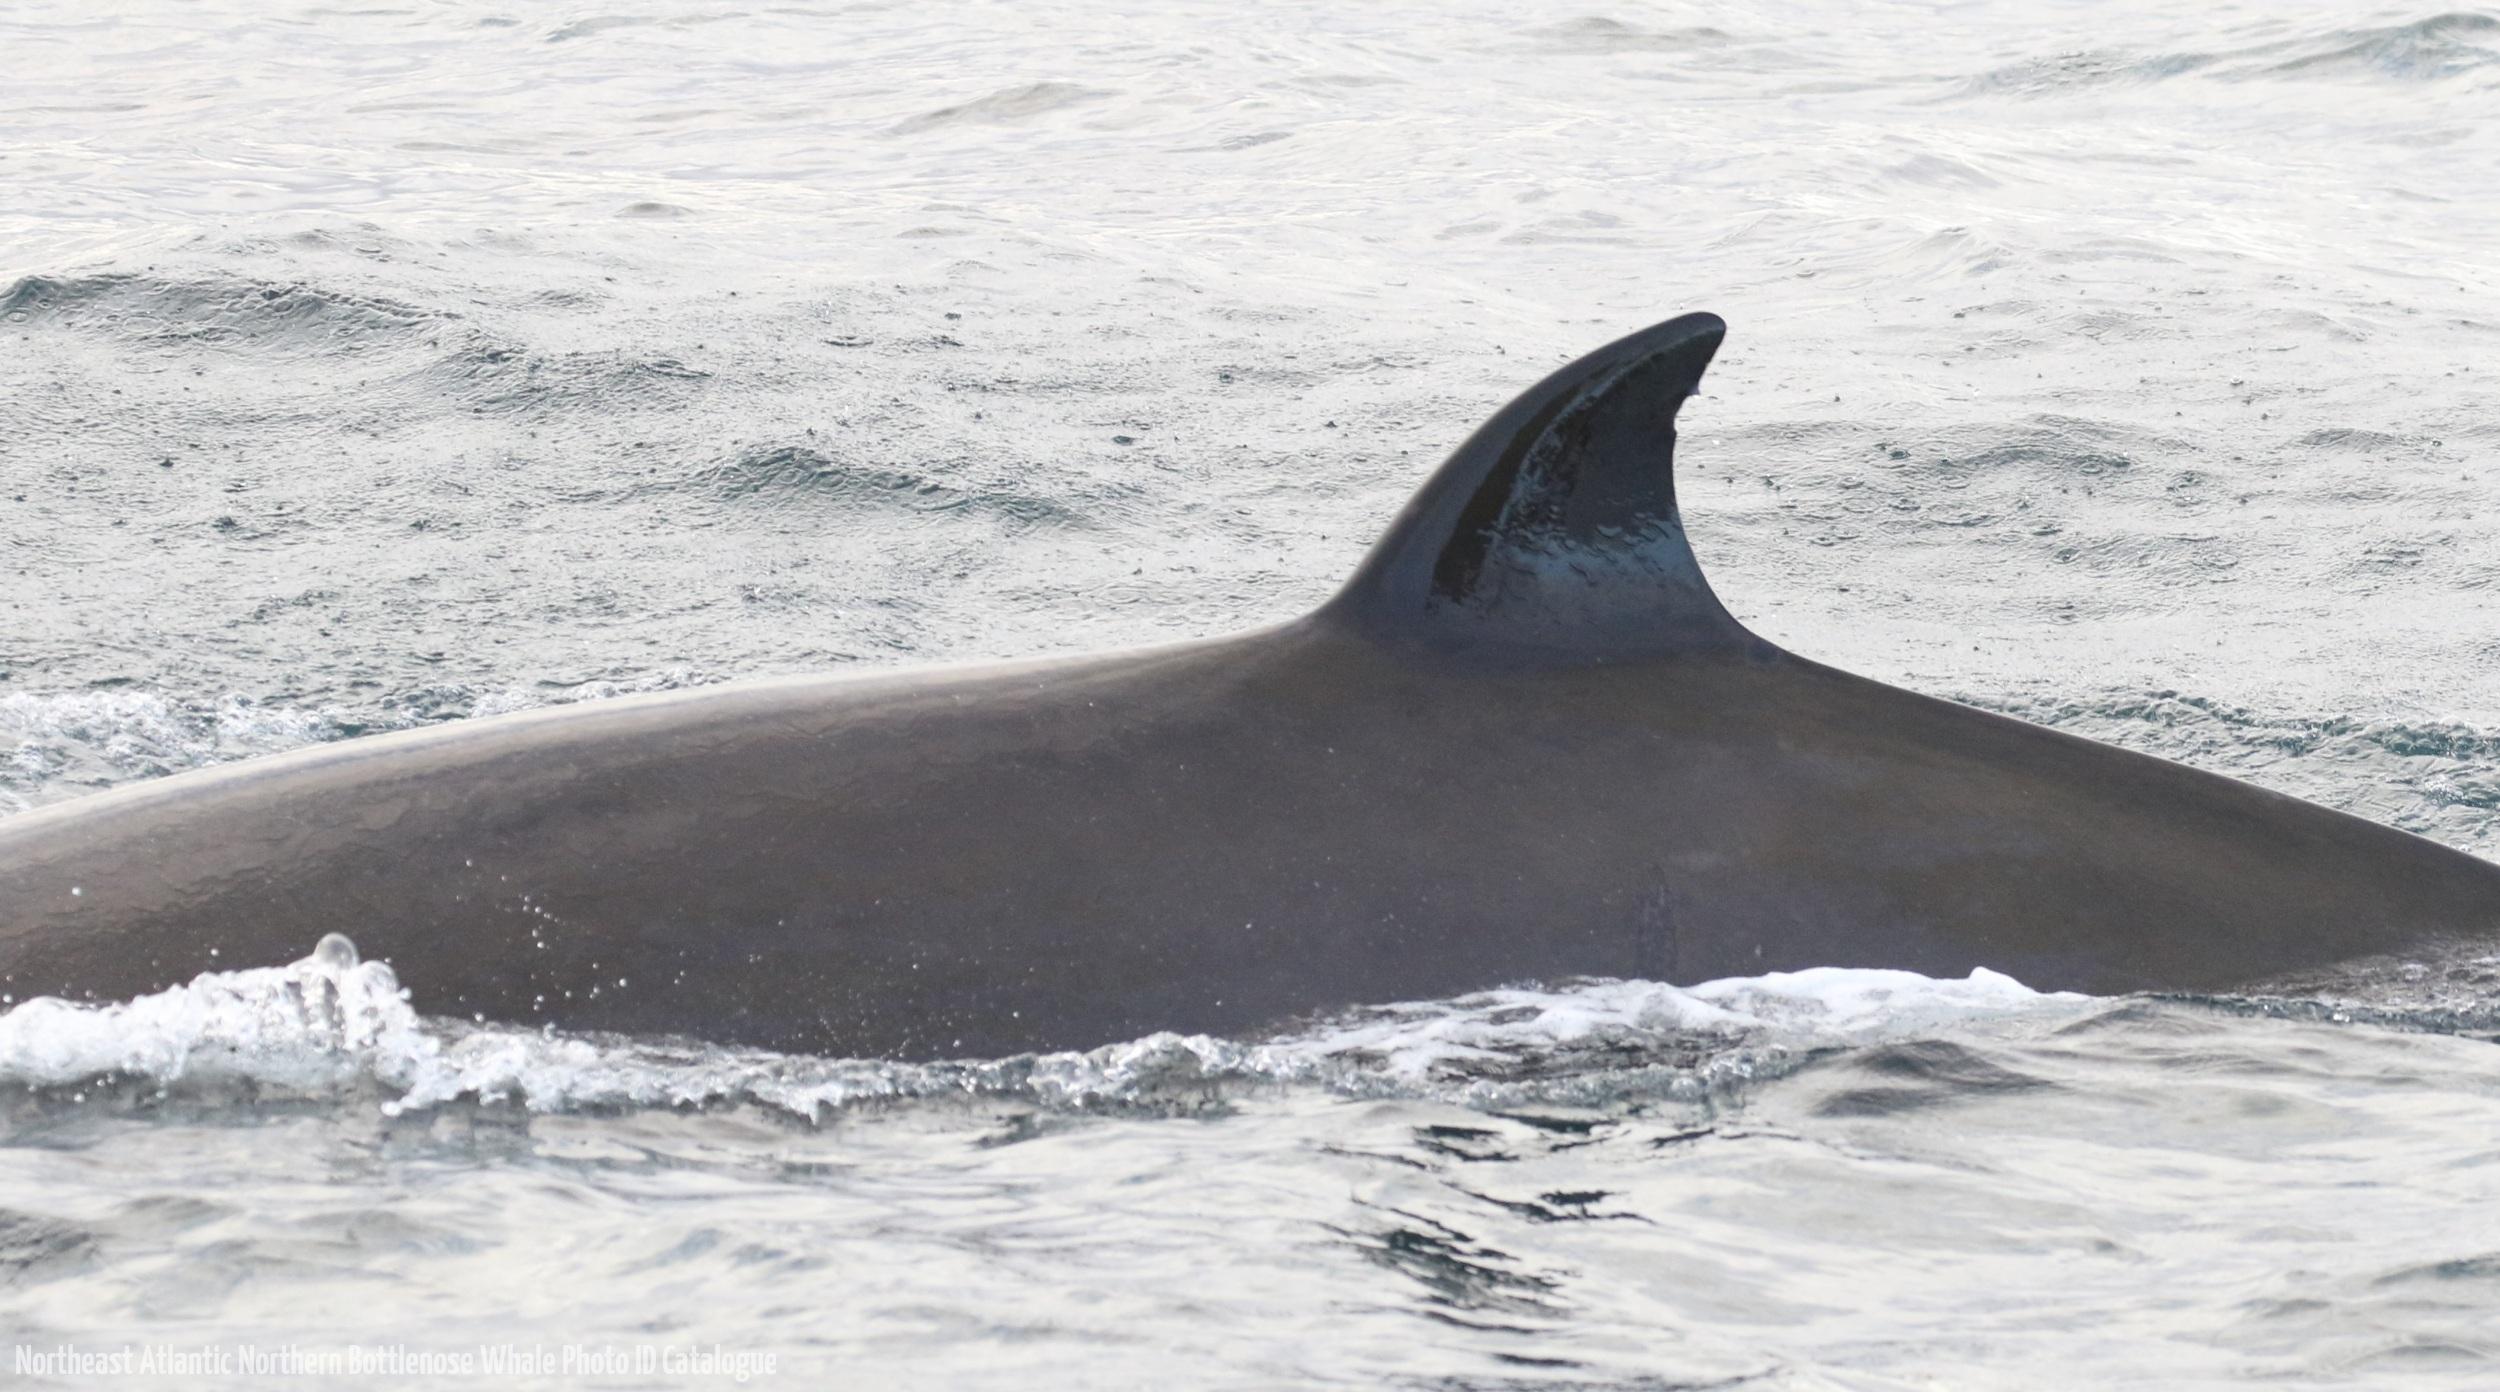 Whale ID: 0172,  Date: 16-06-2016,  Photographer: Eilidh Siegal